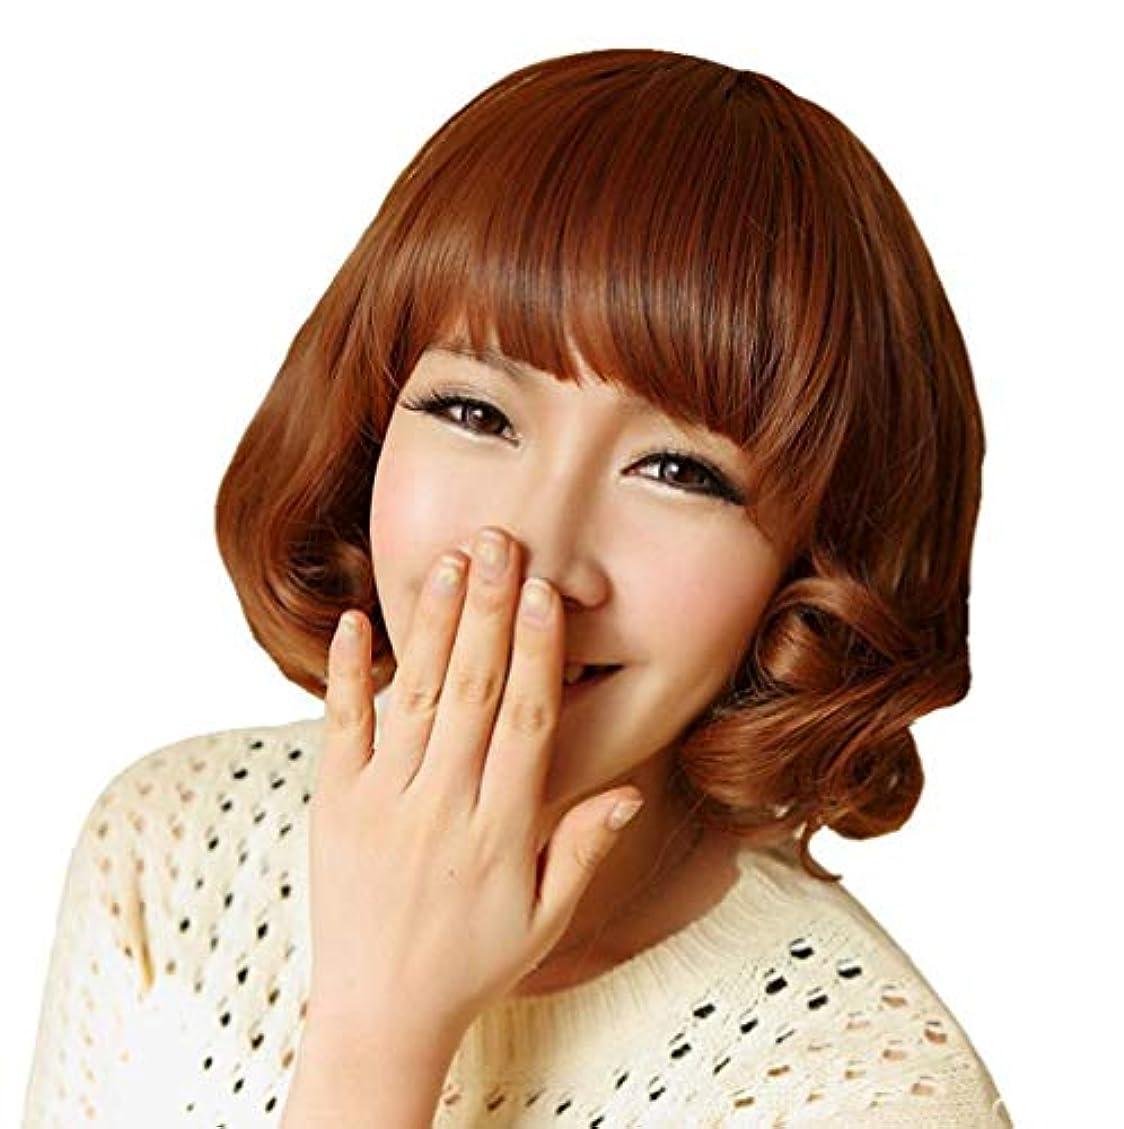 脅迫クック土器かつら女性ショートヘアボボヘッド空気前髪現実的な髪型 LH2206 (画像の色)